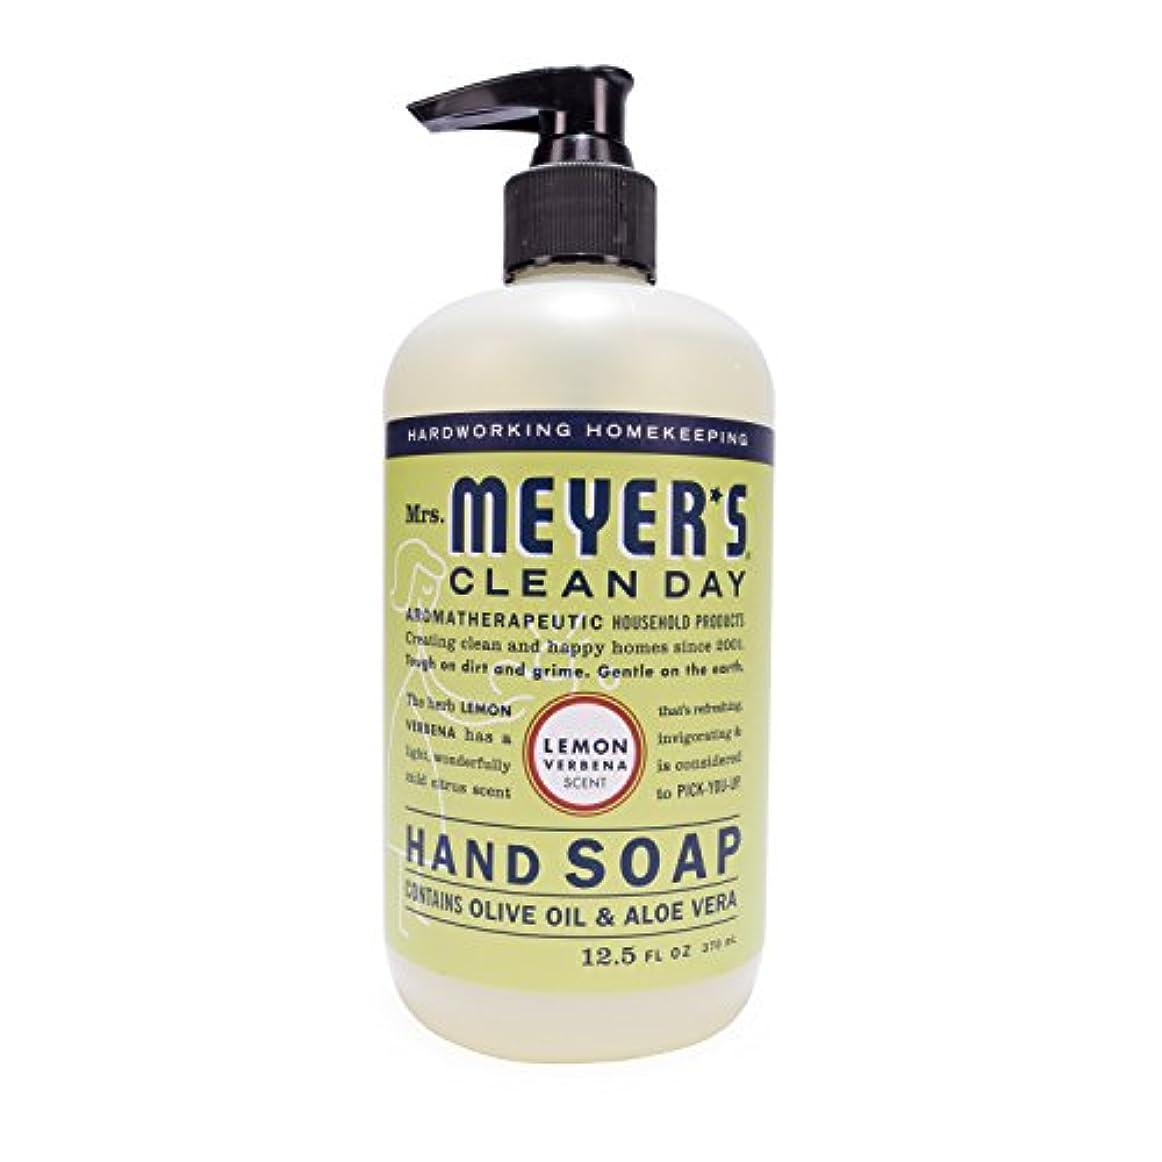 未知の指発生器Mrs. Meyer's Hand Soap Lemon Verbena, 12.5 Fluid Ounce (Pack of 3) by Mrs. Meyer's Clean Day